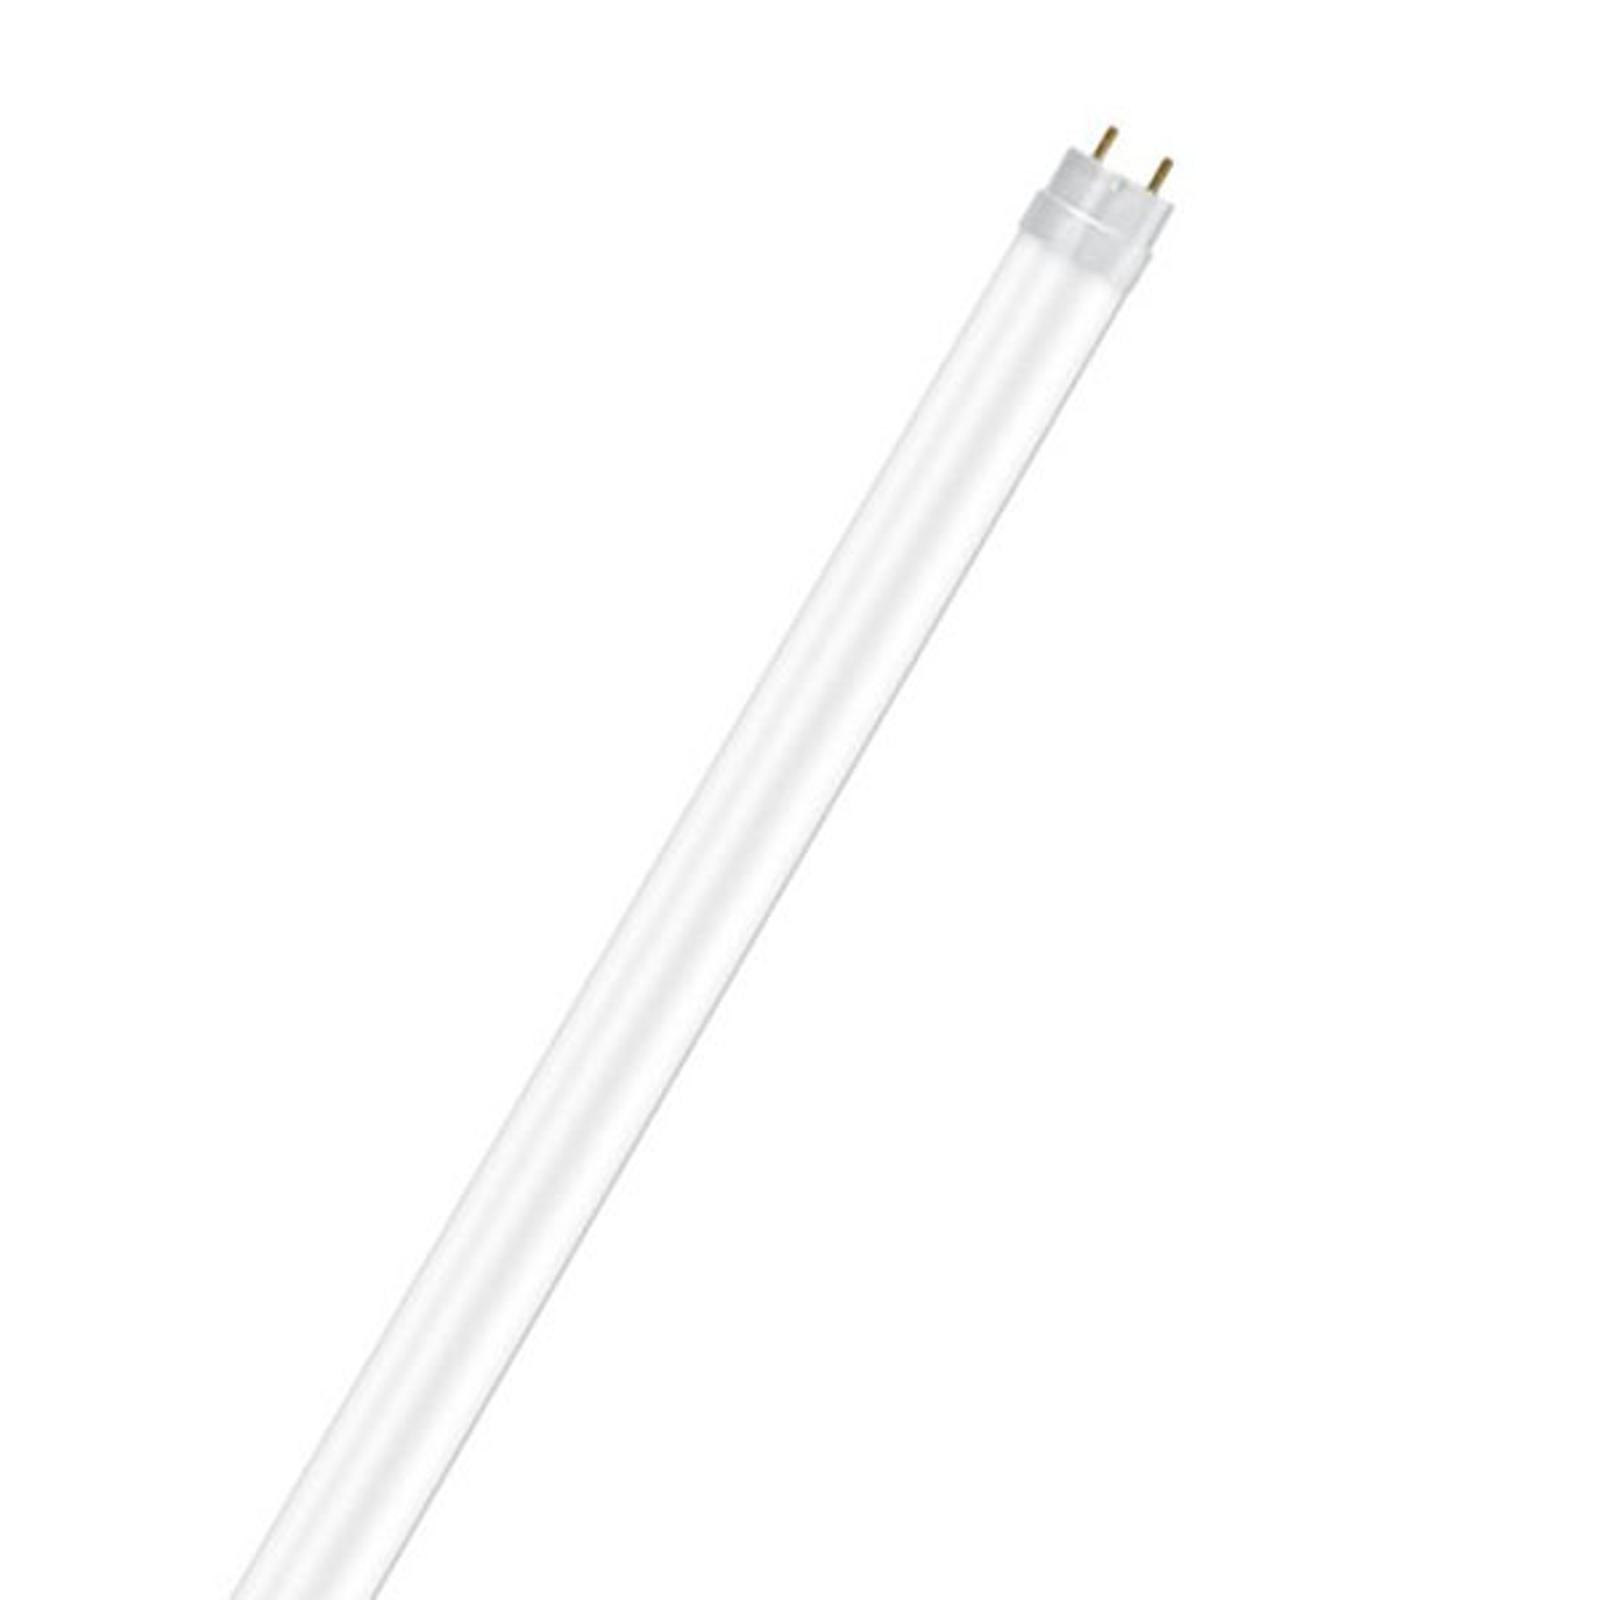 OSRAM LED-Röhre G13 T8 60cm SubstiTUBE 7,3W 6.500K